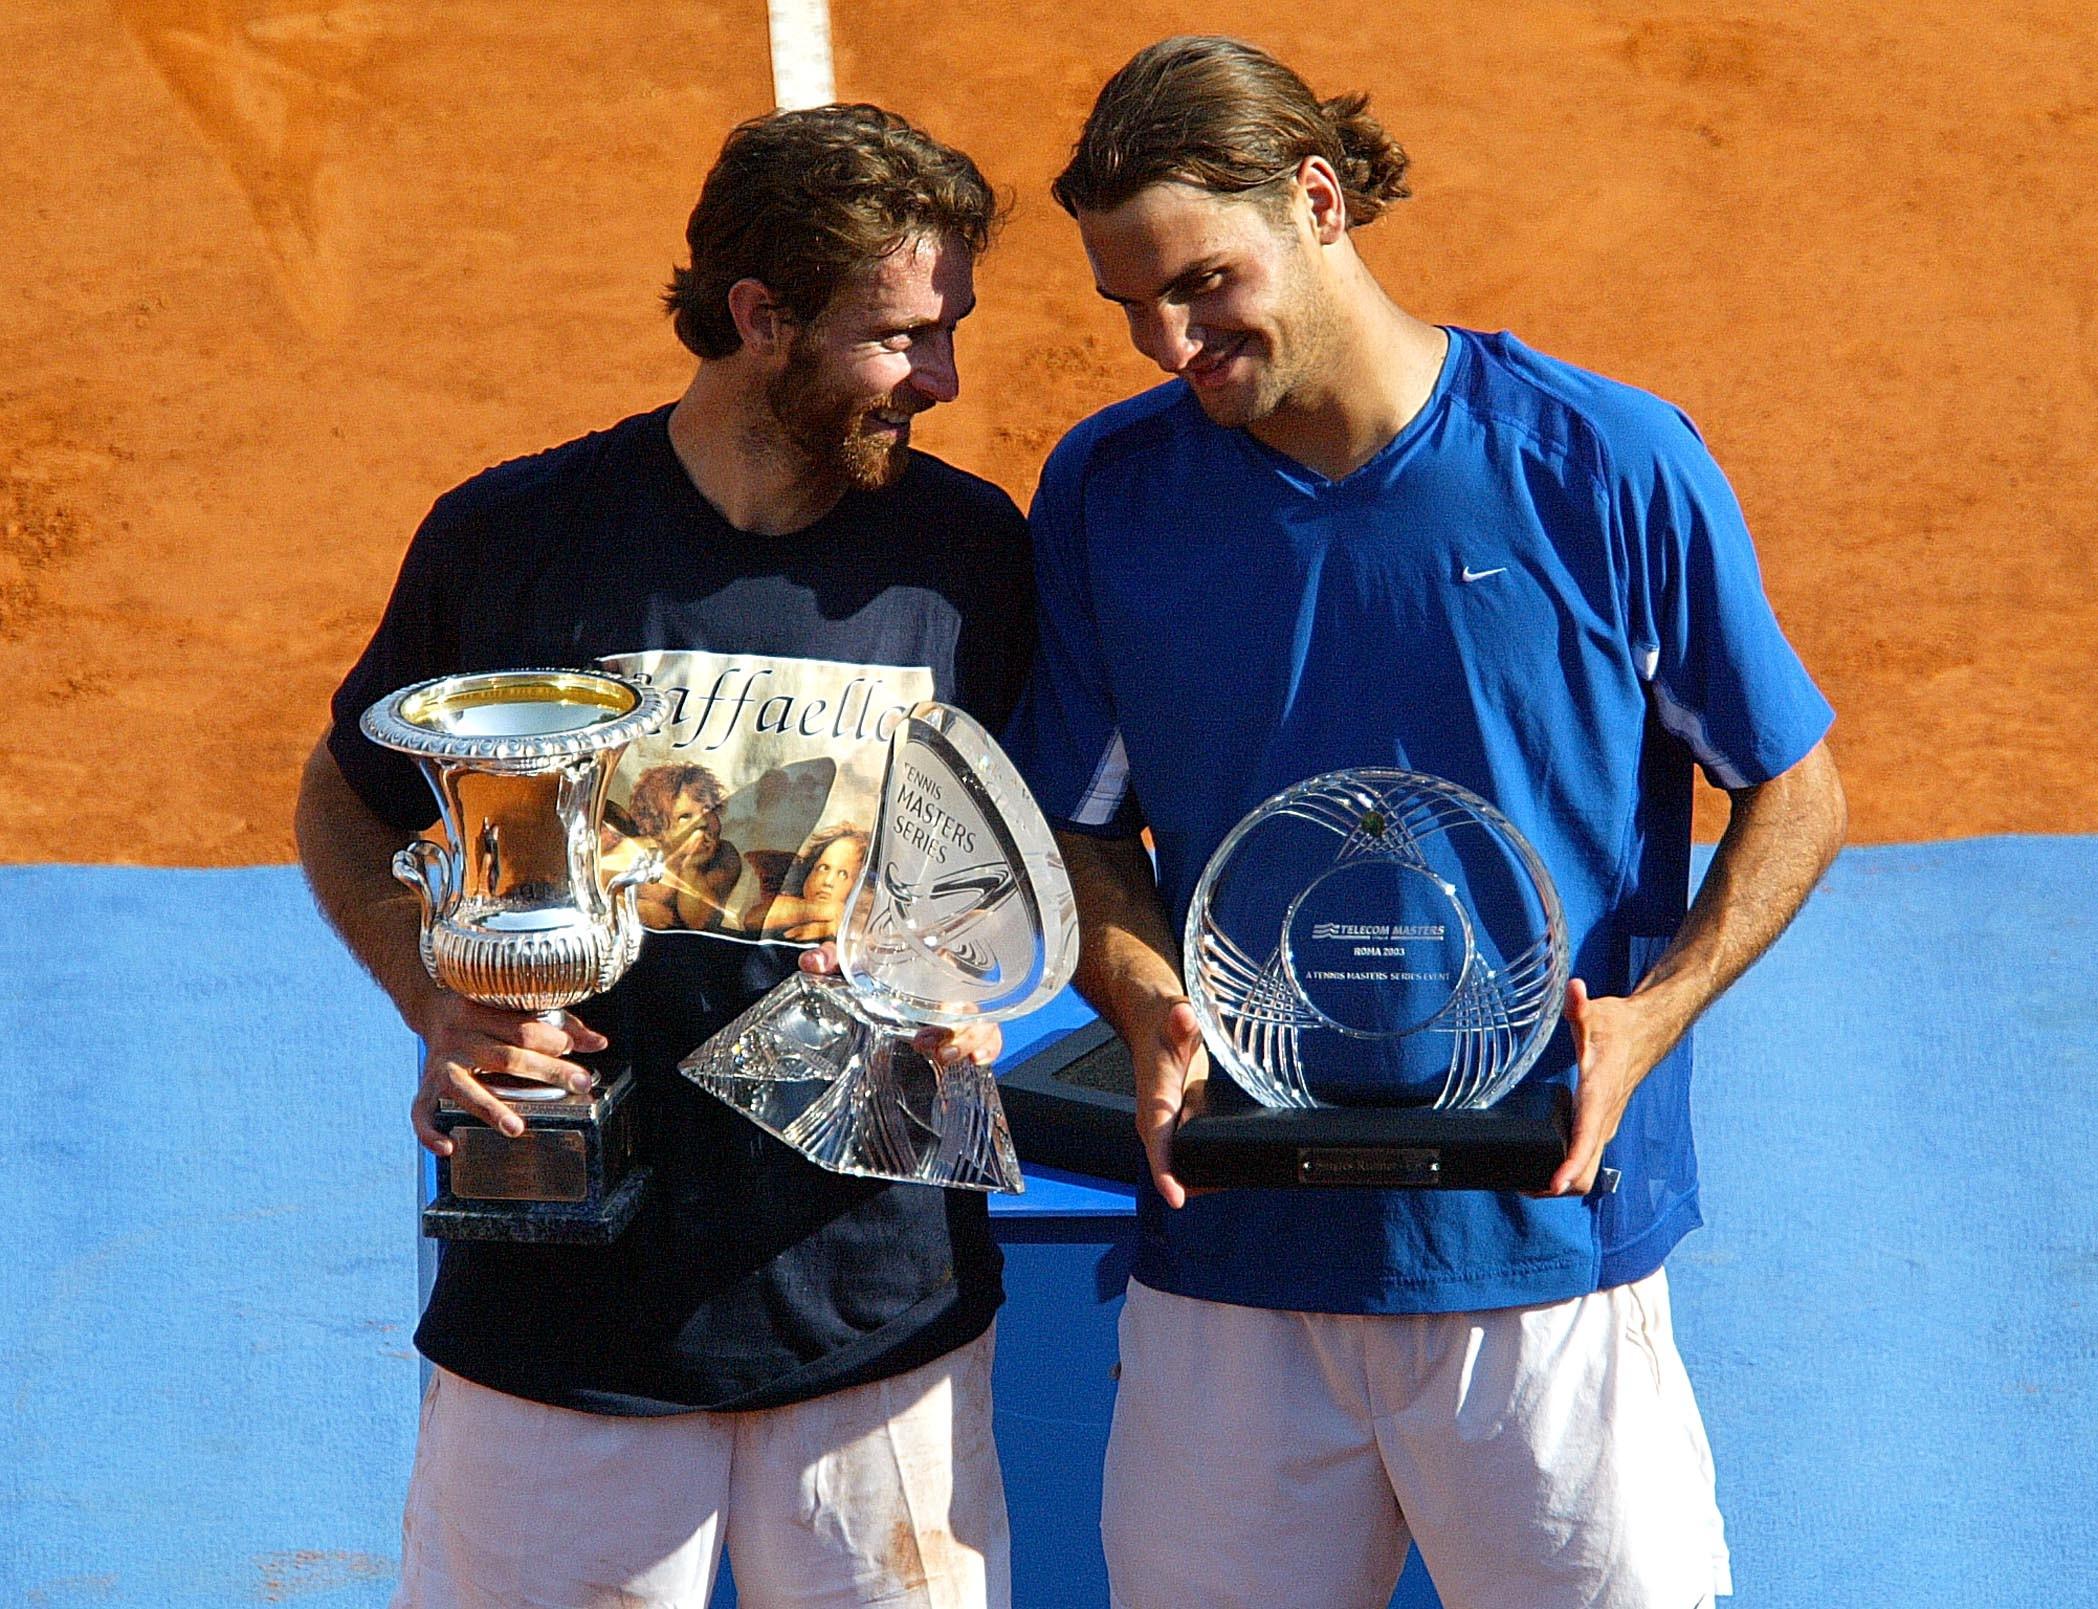 Un vincitore a sorpresa nel 2003, lo spagnolo Felix Mantilla, primo giocatore dal 1963 ad aggiudicarsi il torneo senza essere compreso tra le teste di serie. Un successo maturato battendo in finale un giovane Roger Federer, favorito della vigilia.